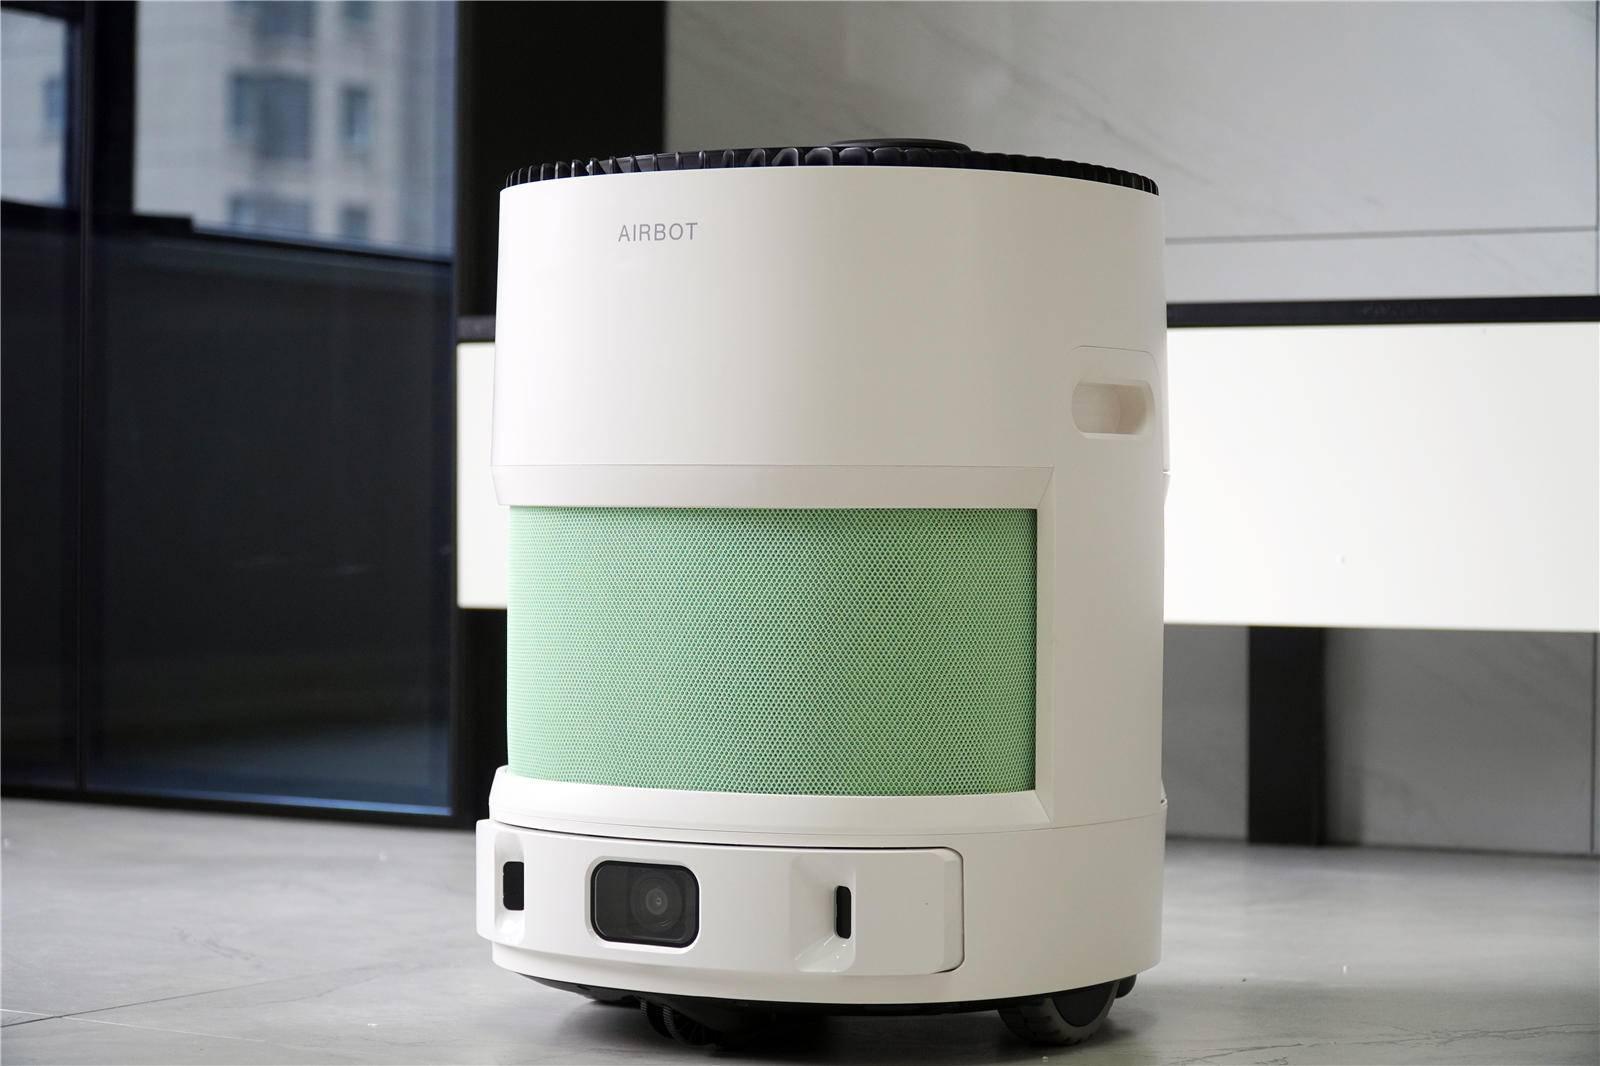 会行走的空气净化器?科沃斯沁宝AIRBOT Ava空气净化机器人评测